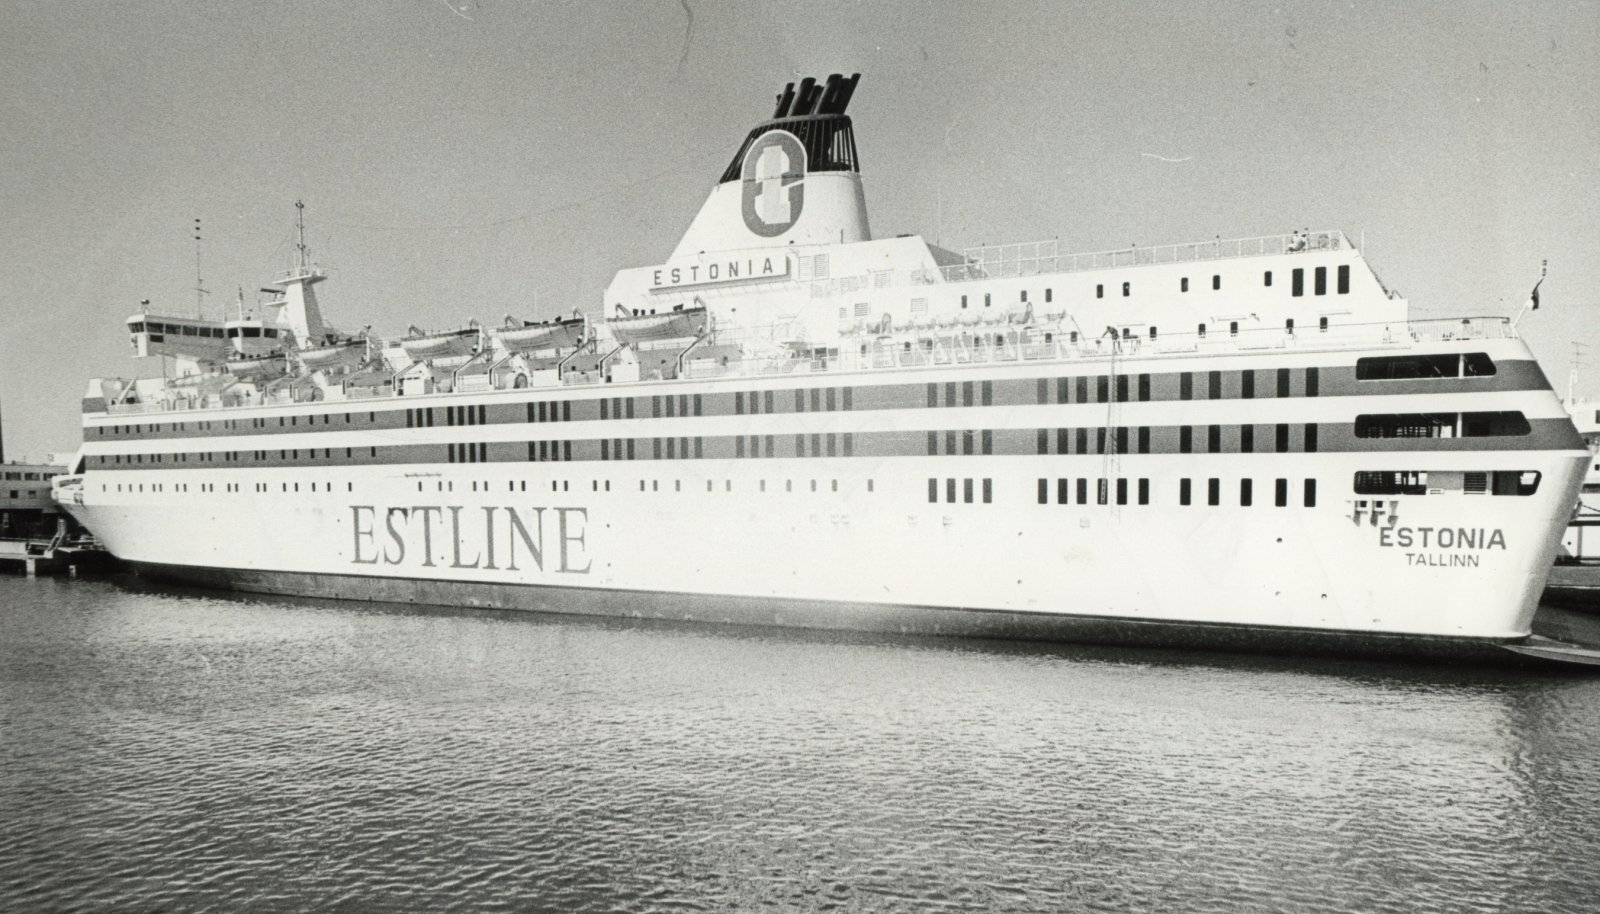 Hauarahu rikkunud filmitegijad väidavad, et pildistasid Estonia laevakeret...